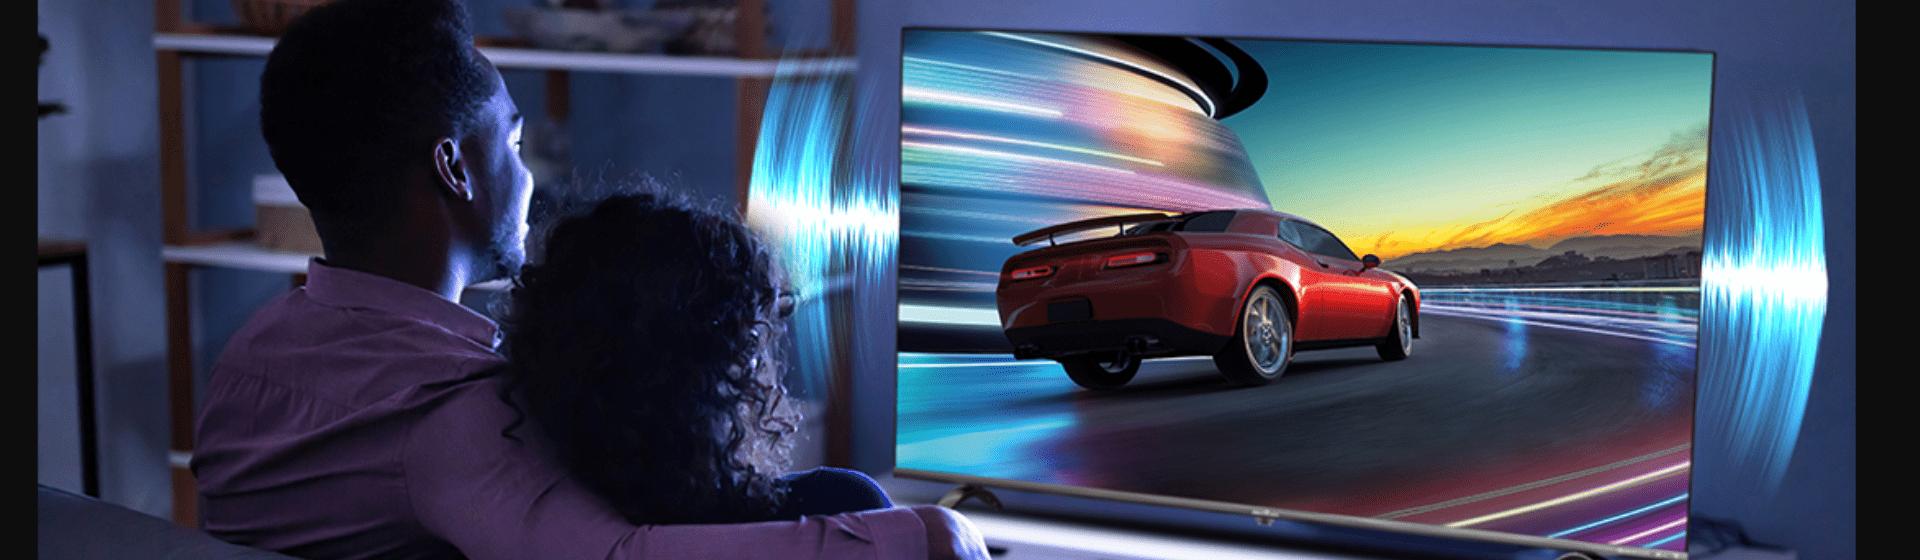 Britânia estreia no mercado de TVs e apresenta os modelos da linha